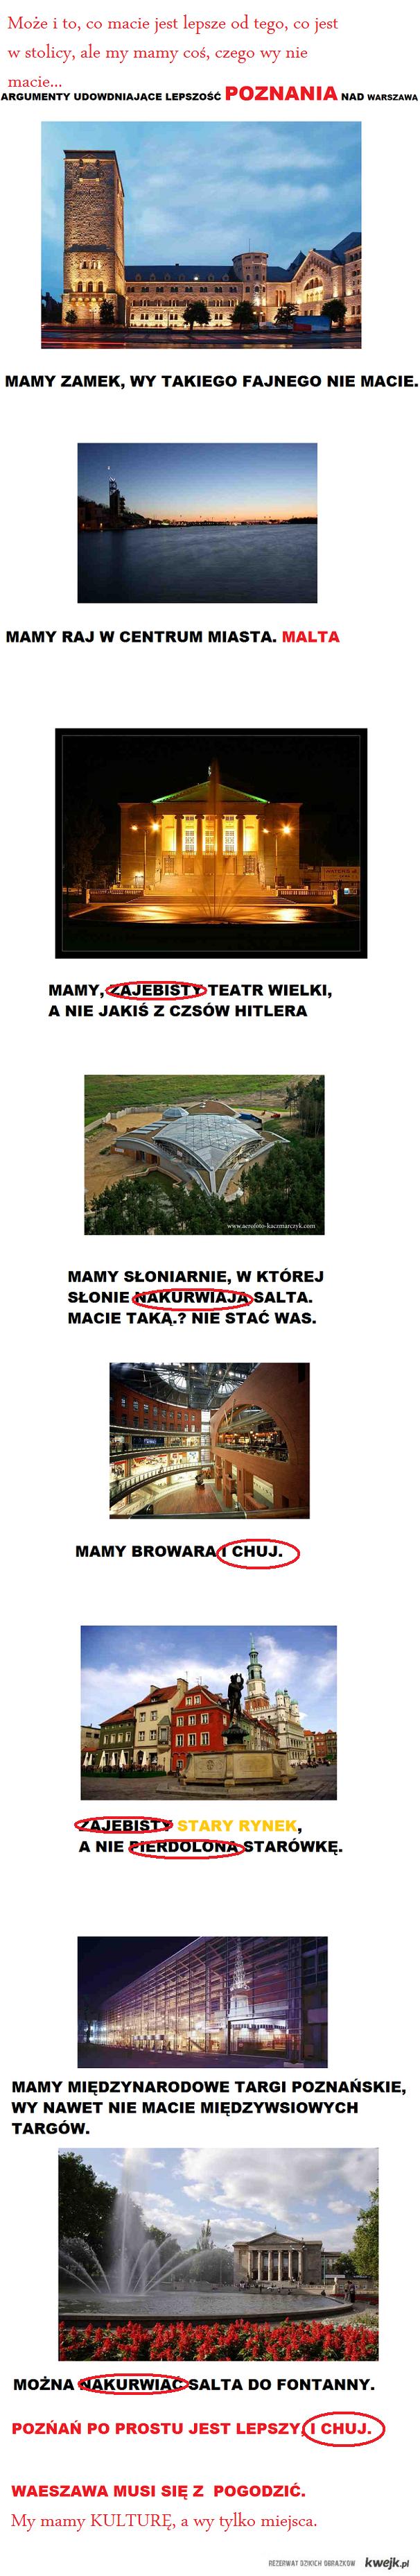 Wyższość Warszawy nad Poznaniem.